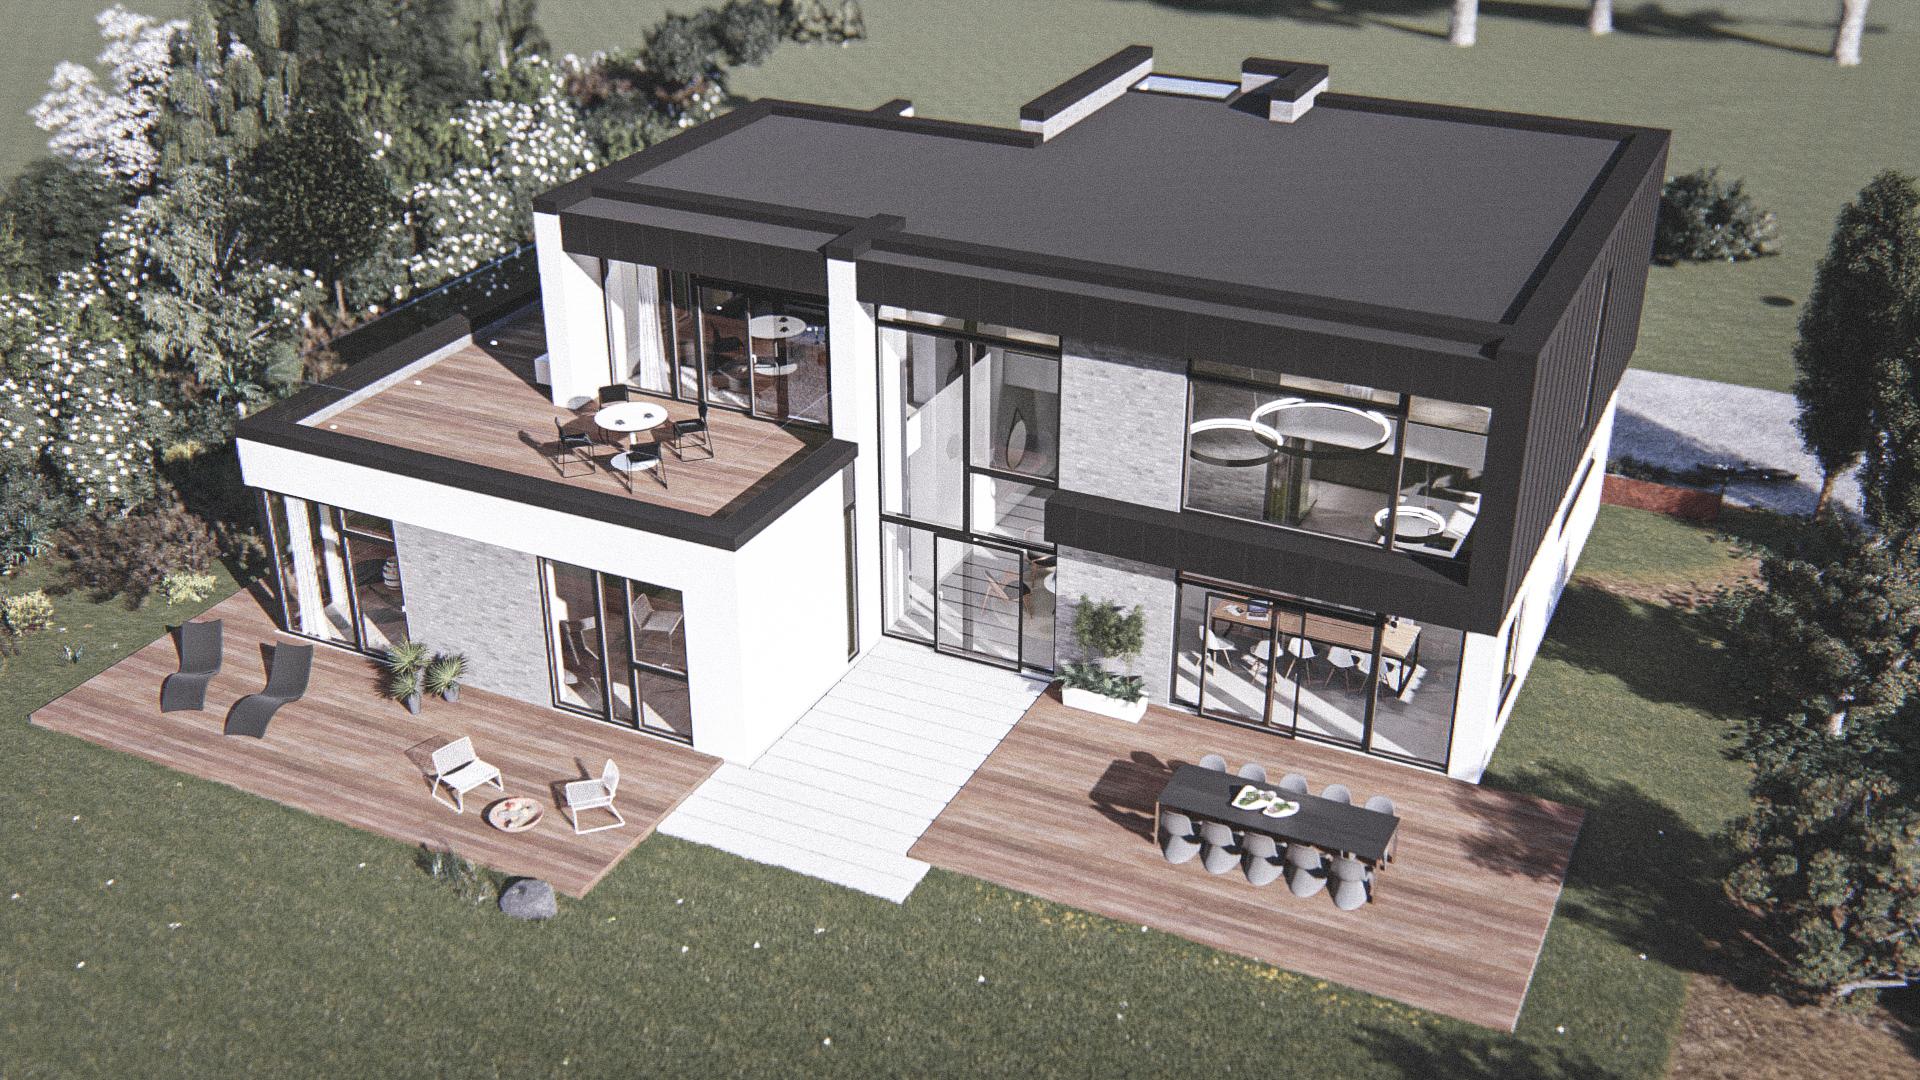 Billede af et arkitekt tegnet projektforslag af ny 2 plans drømme villa i Odder , af det danske arkitektfirma m2plus